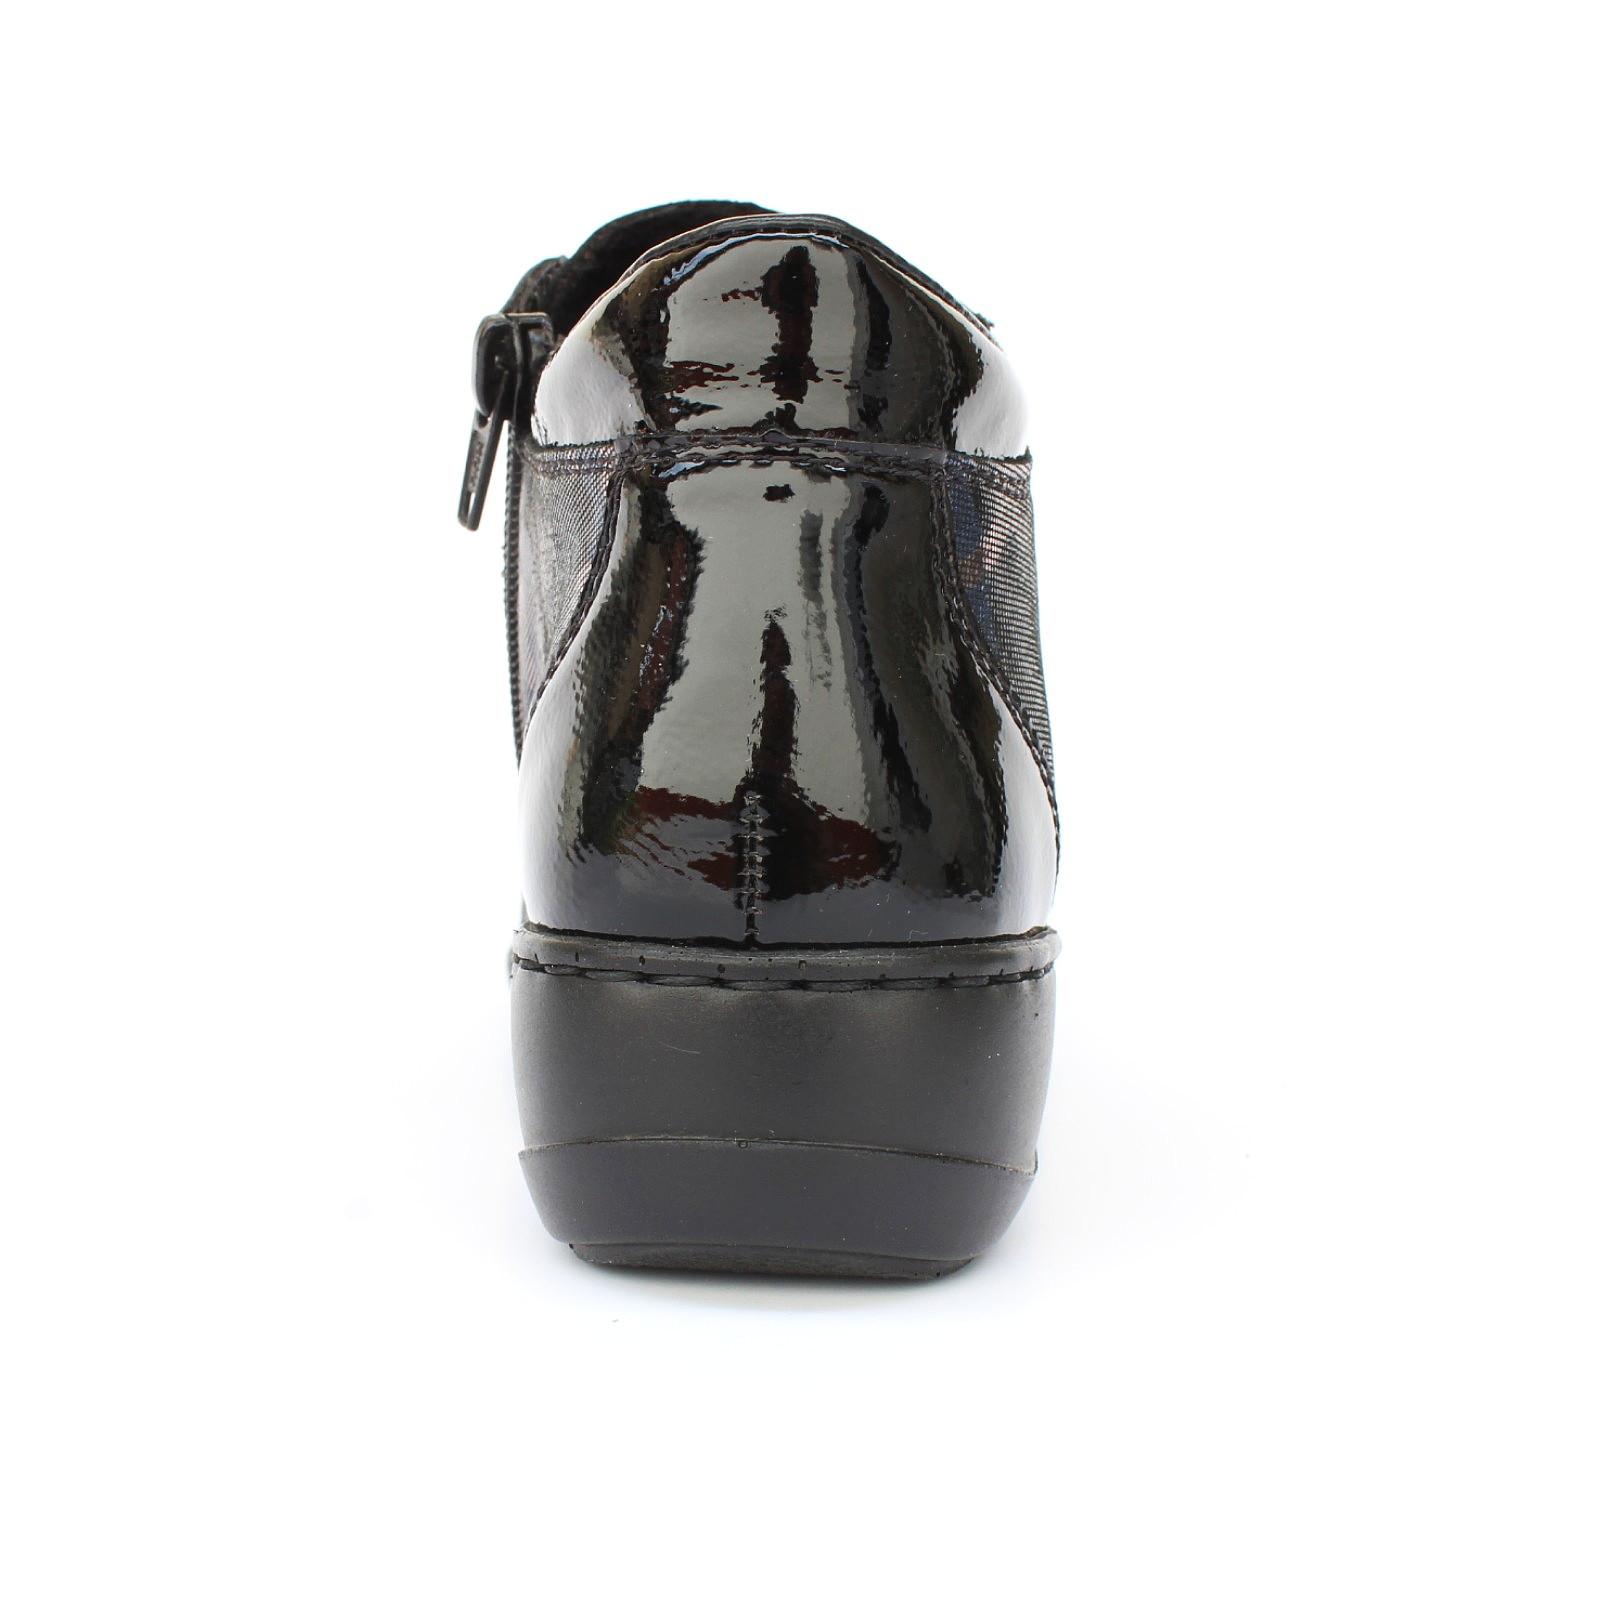 Rieker női bokacipő 58398 00 LuxorDune 05241 Női bokacipő